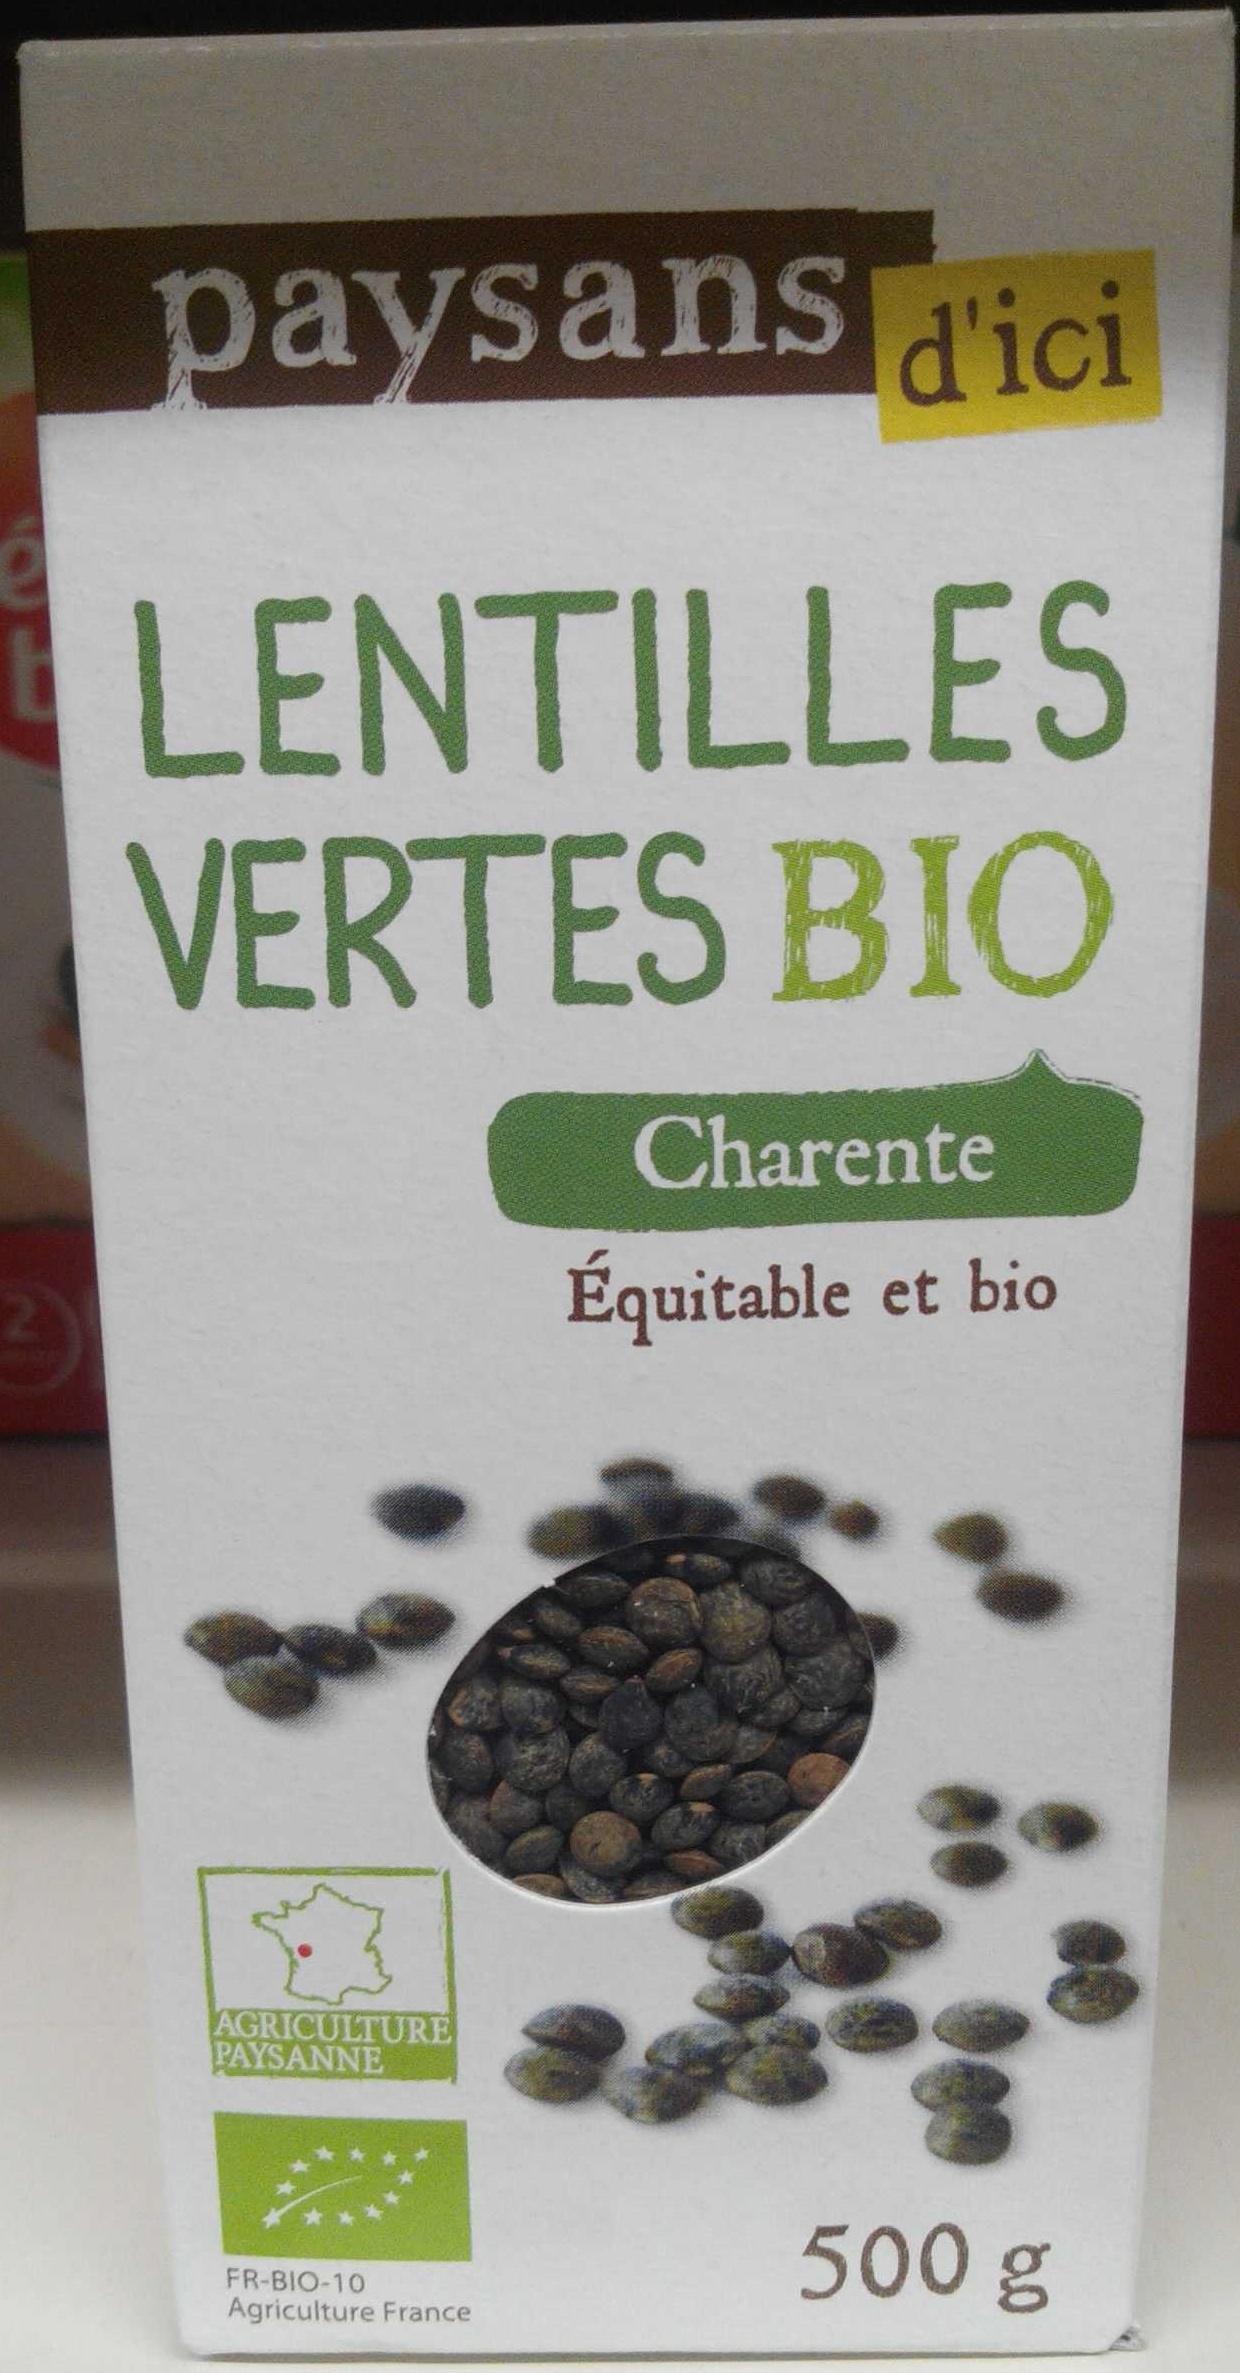 Lentilles vertes bio - Produit - fr